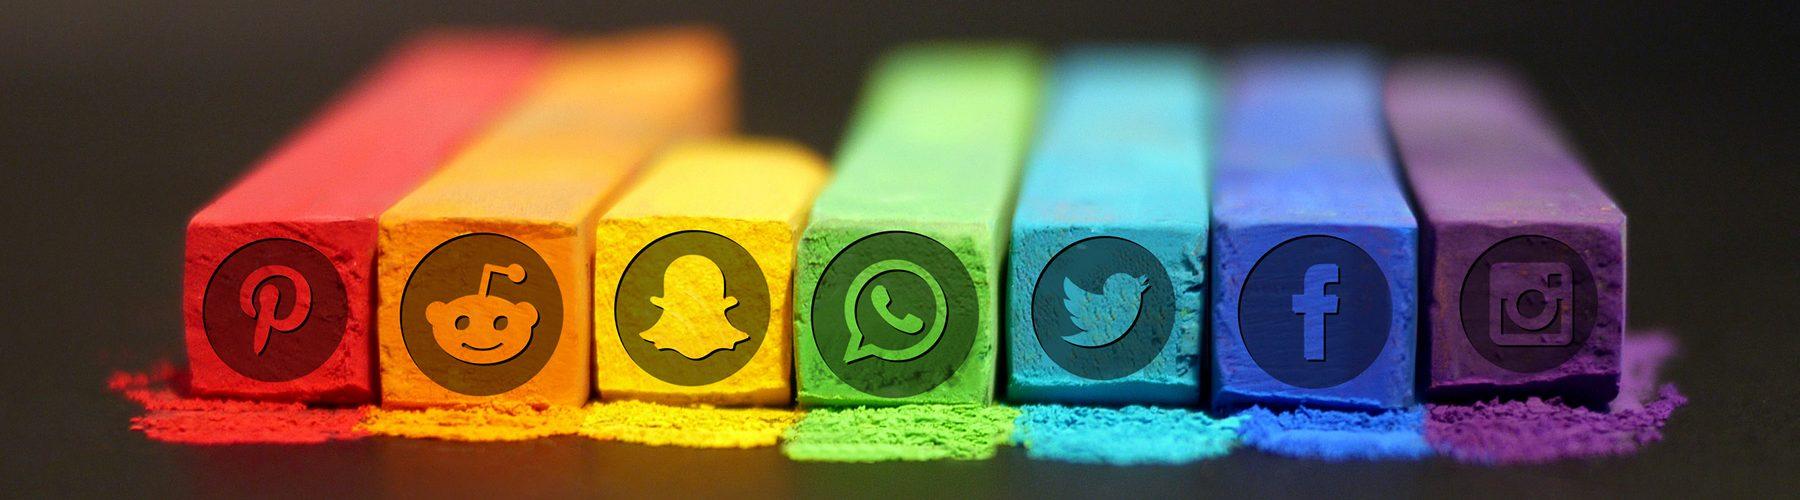 social-media-chalks-embossed-icons-1